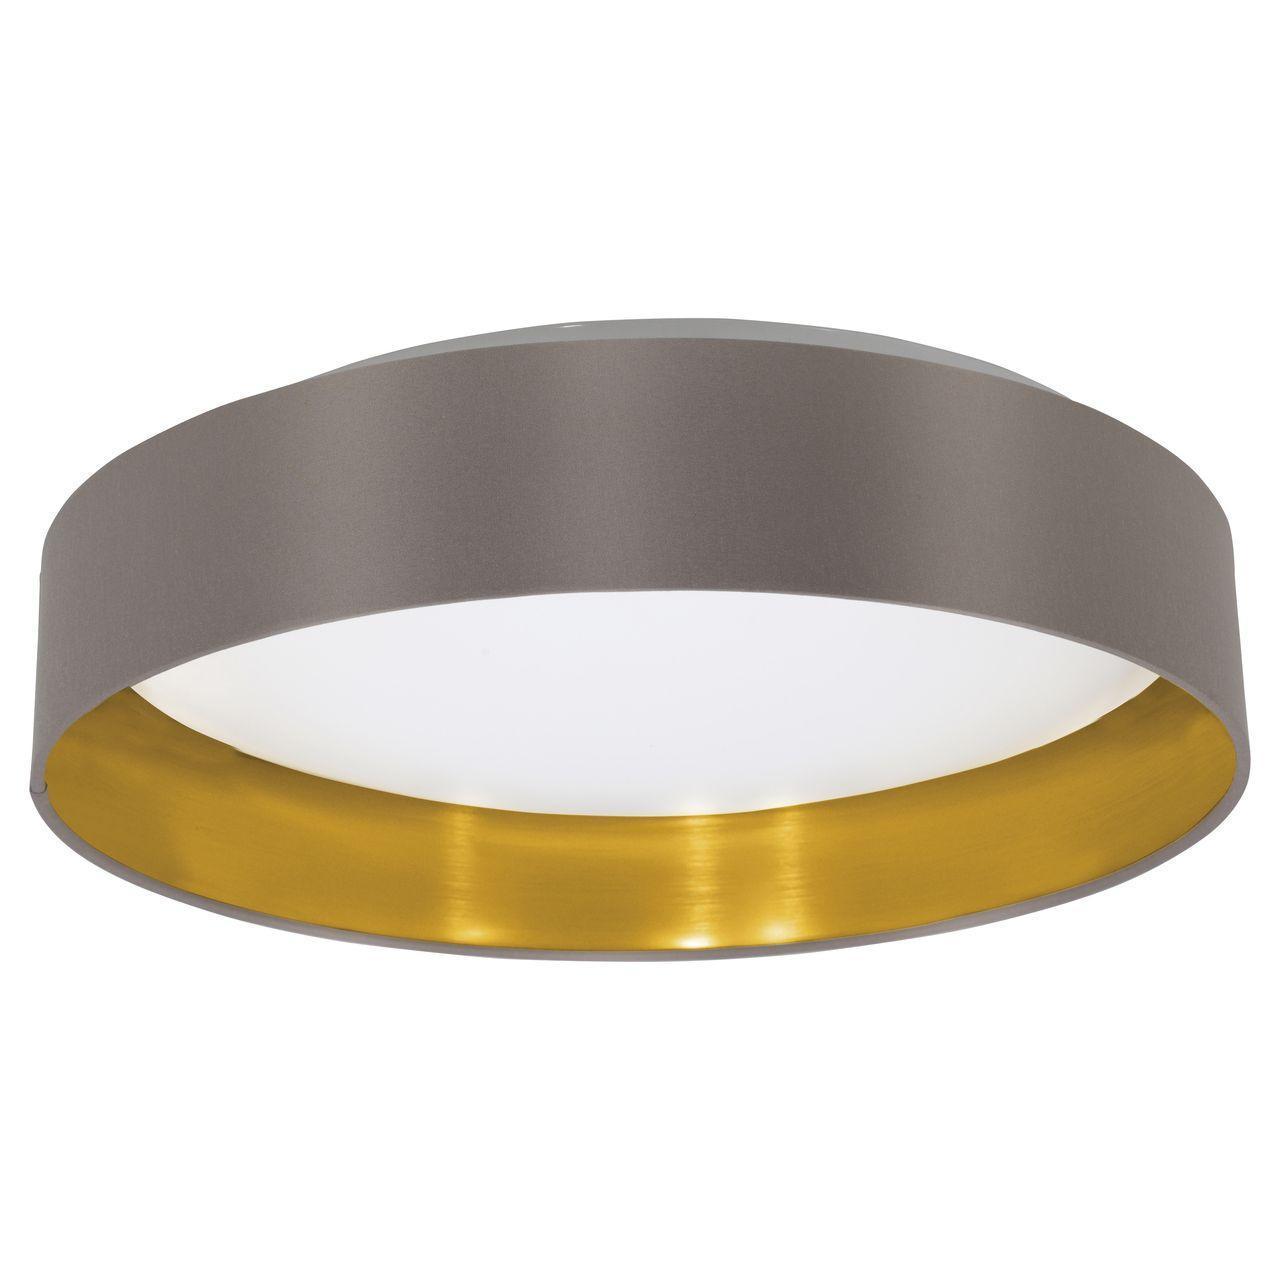 Потолочный светильник Eglo Maserlo 31625 потолочный светильник eglo maserlo 31624